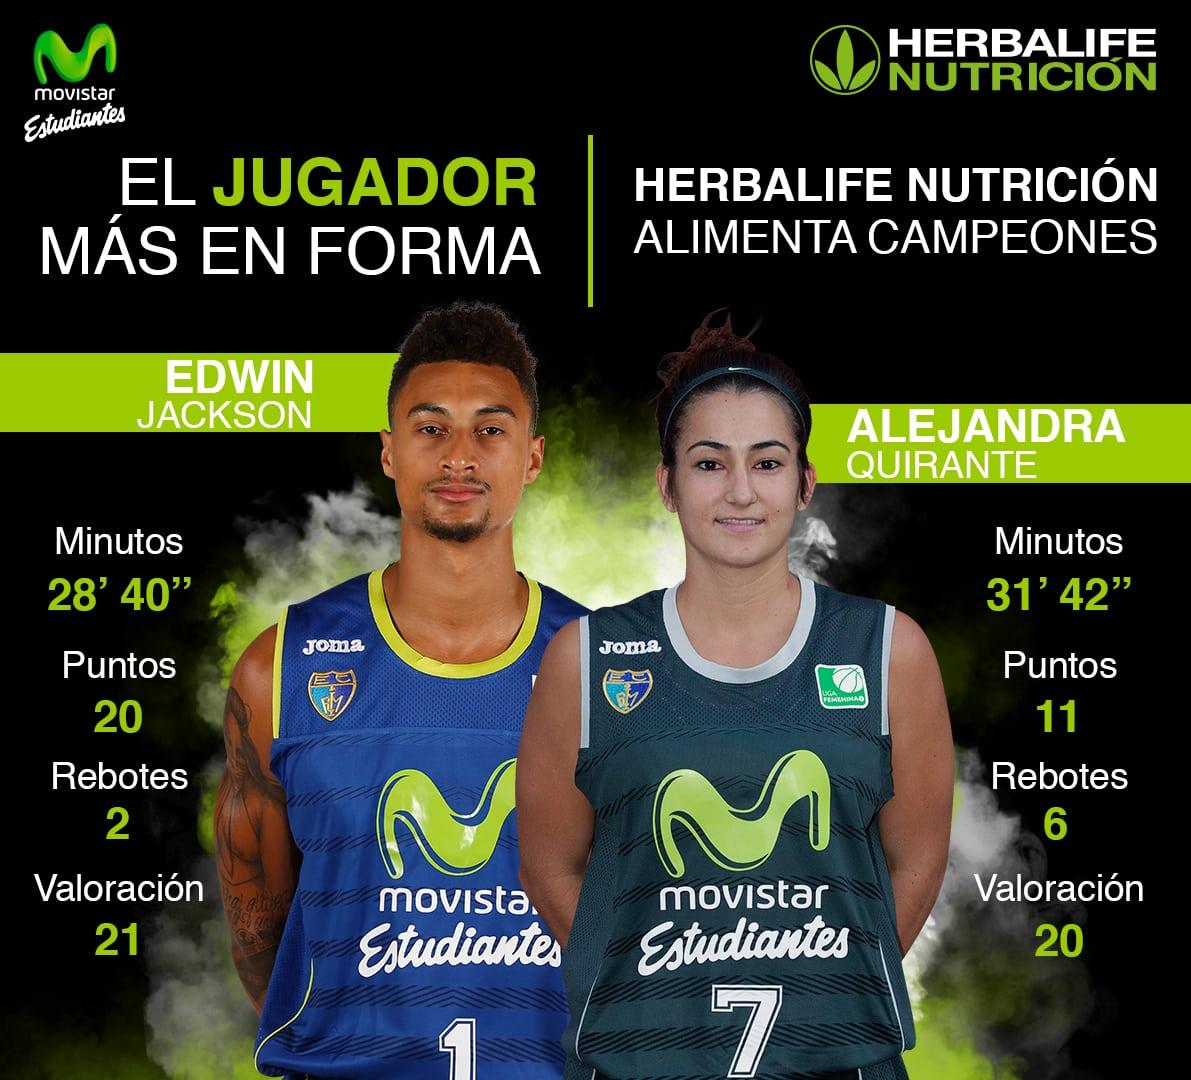 Herbalife presenta a los jugadores más en forma de la jornada: Edwin Jackson y Alejandra Quirante